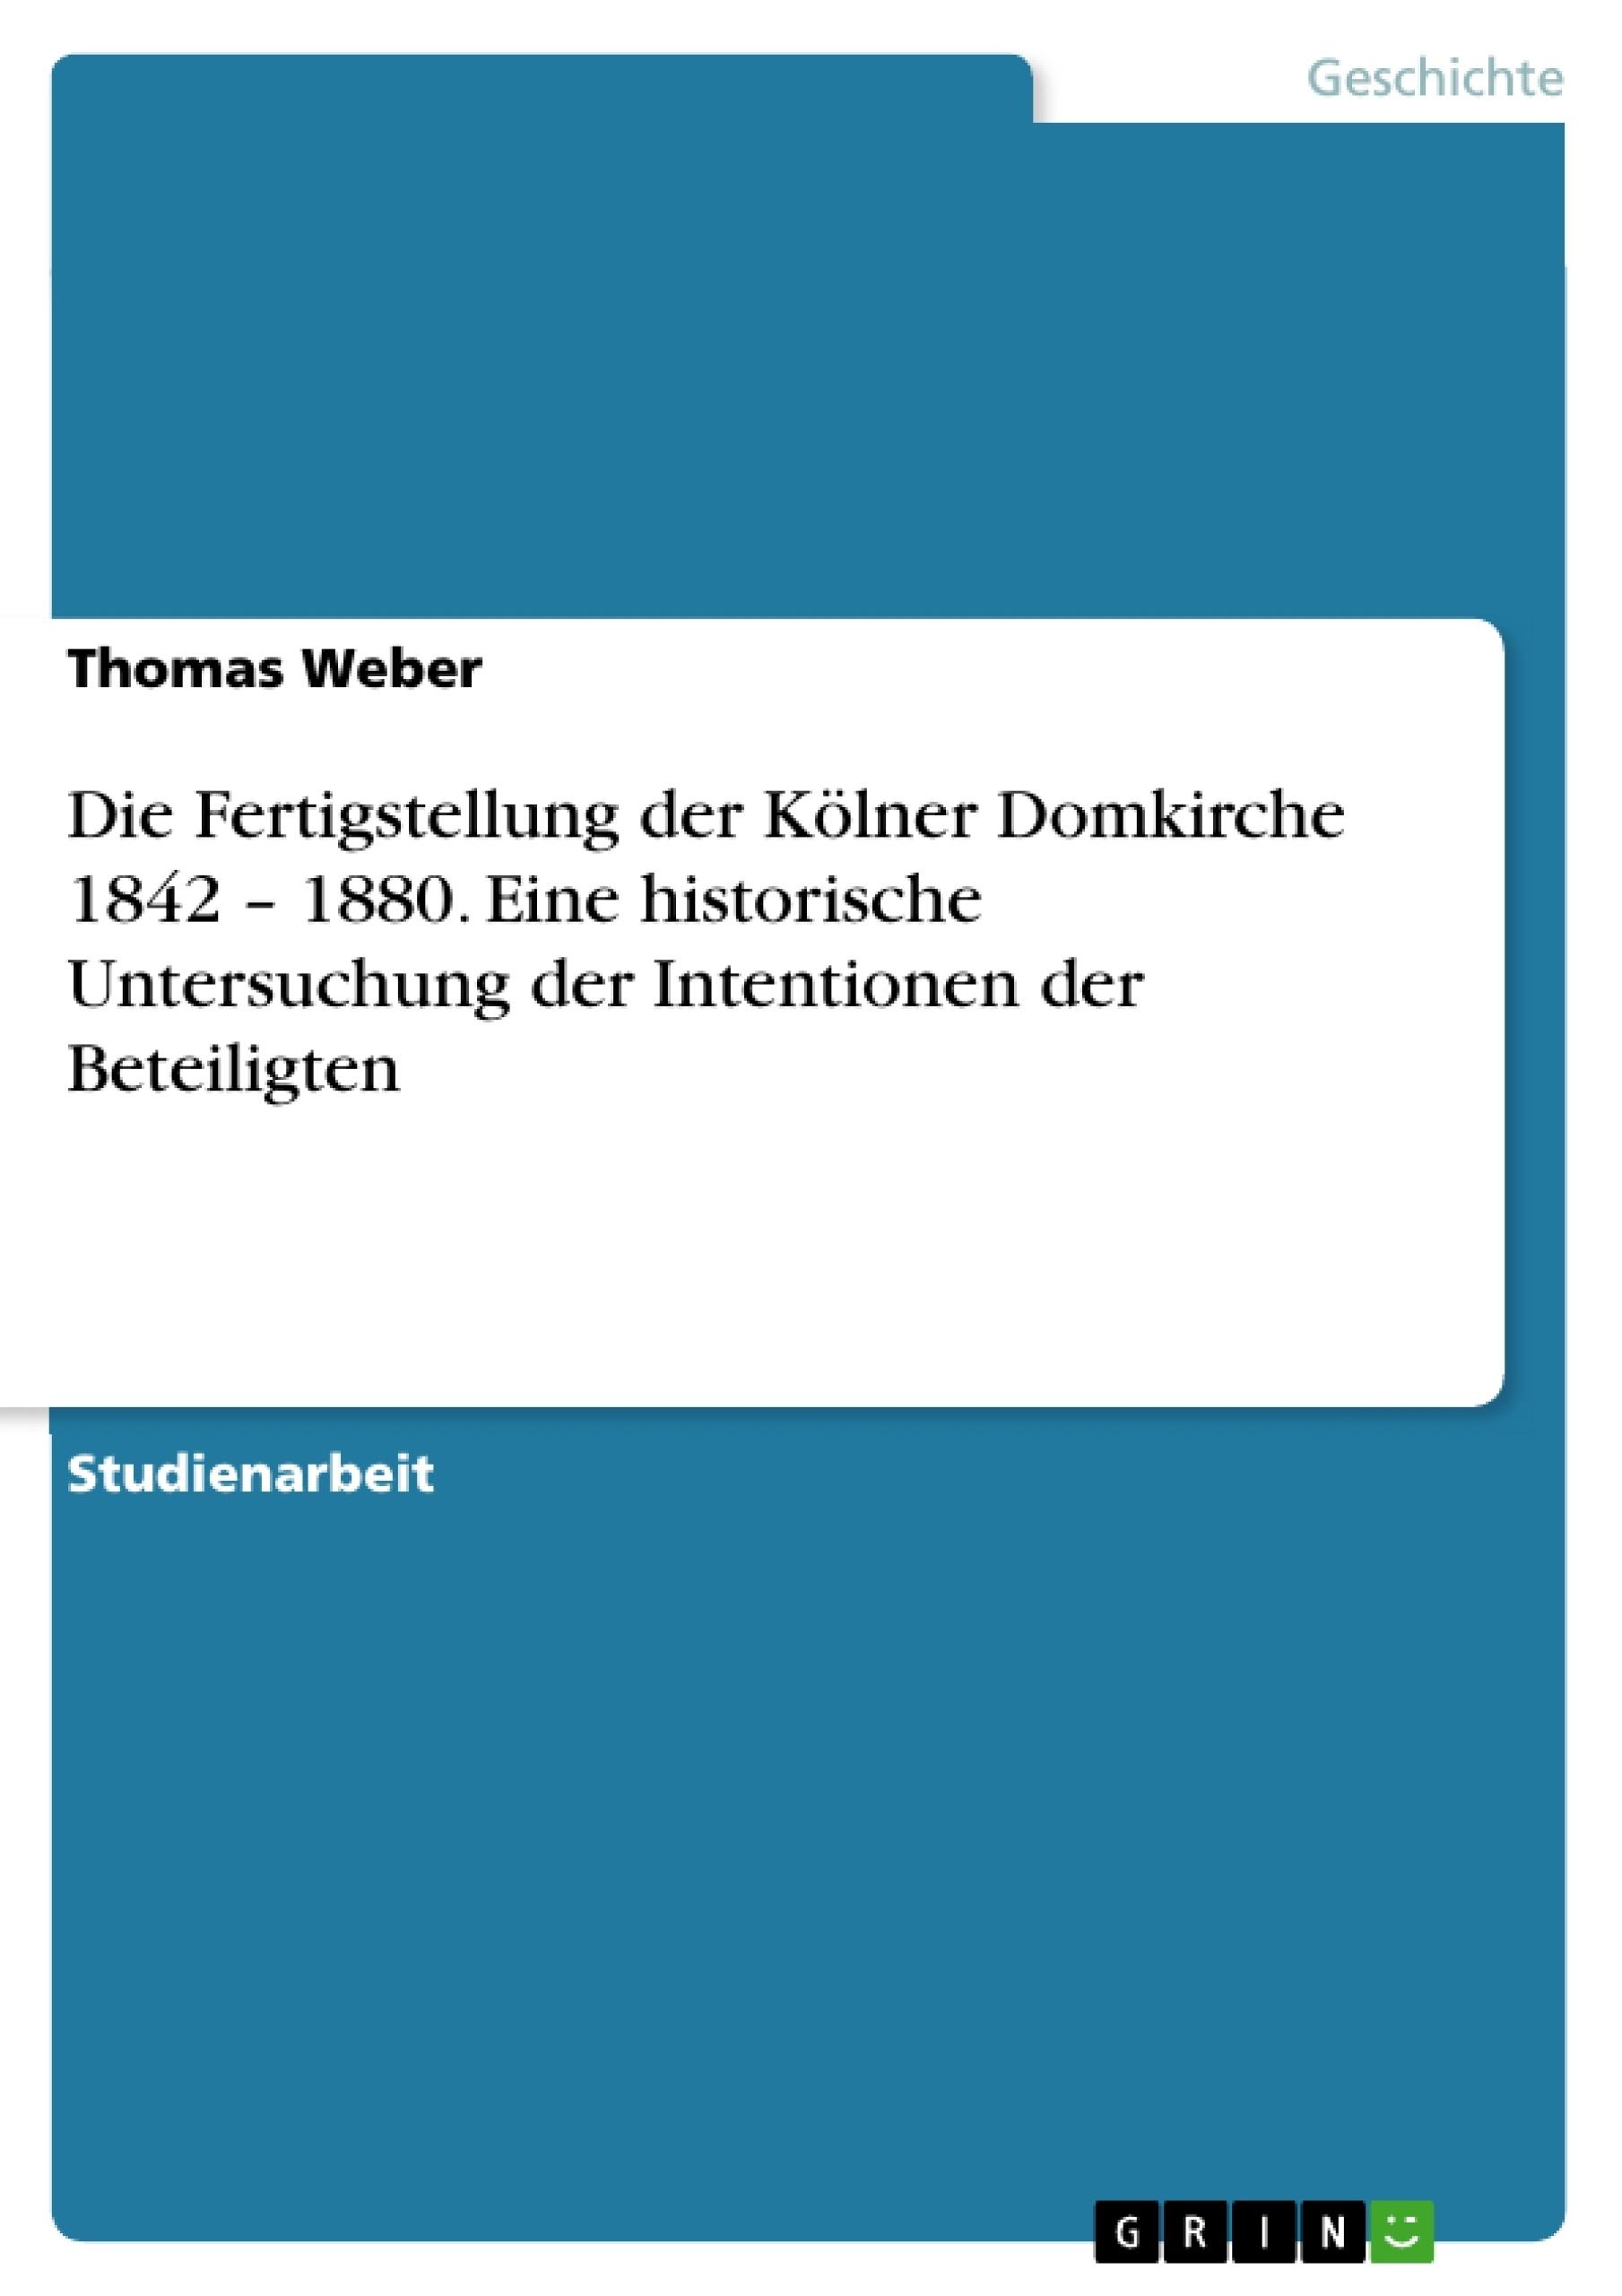 Titel: Die Fertigstellung der Kölner Domkirche 1842 – 1880. Eine historische Untersuchung der Intentionen der Beteiligten